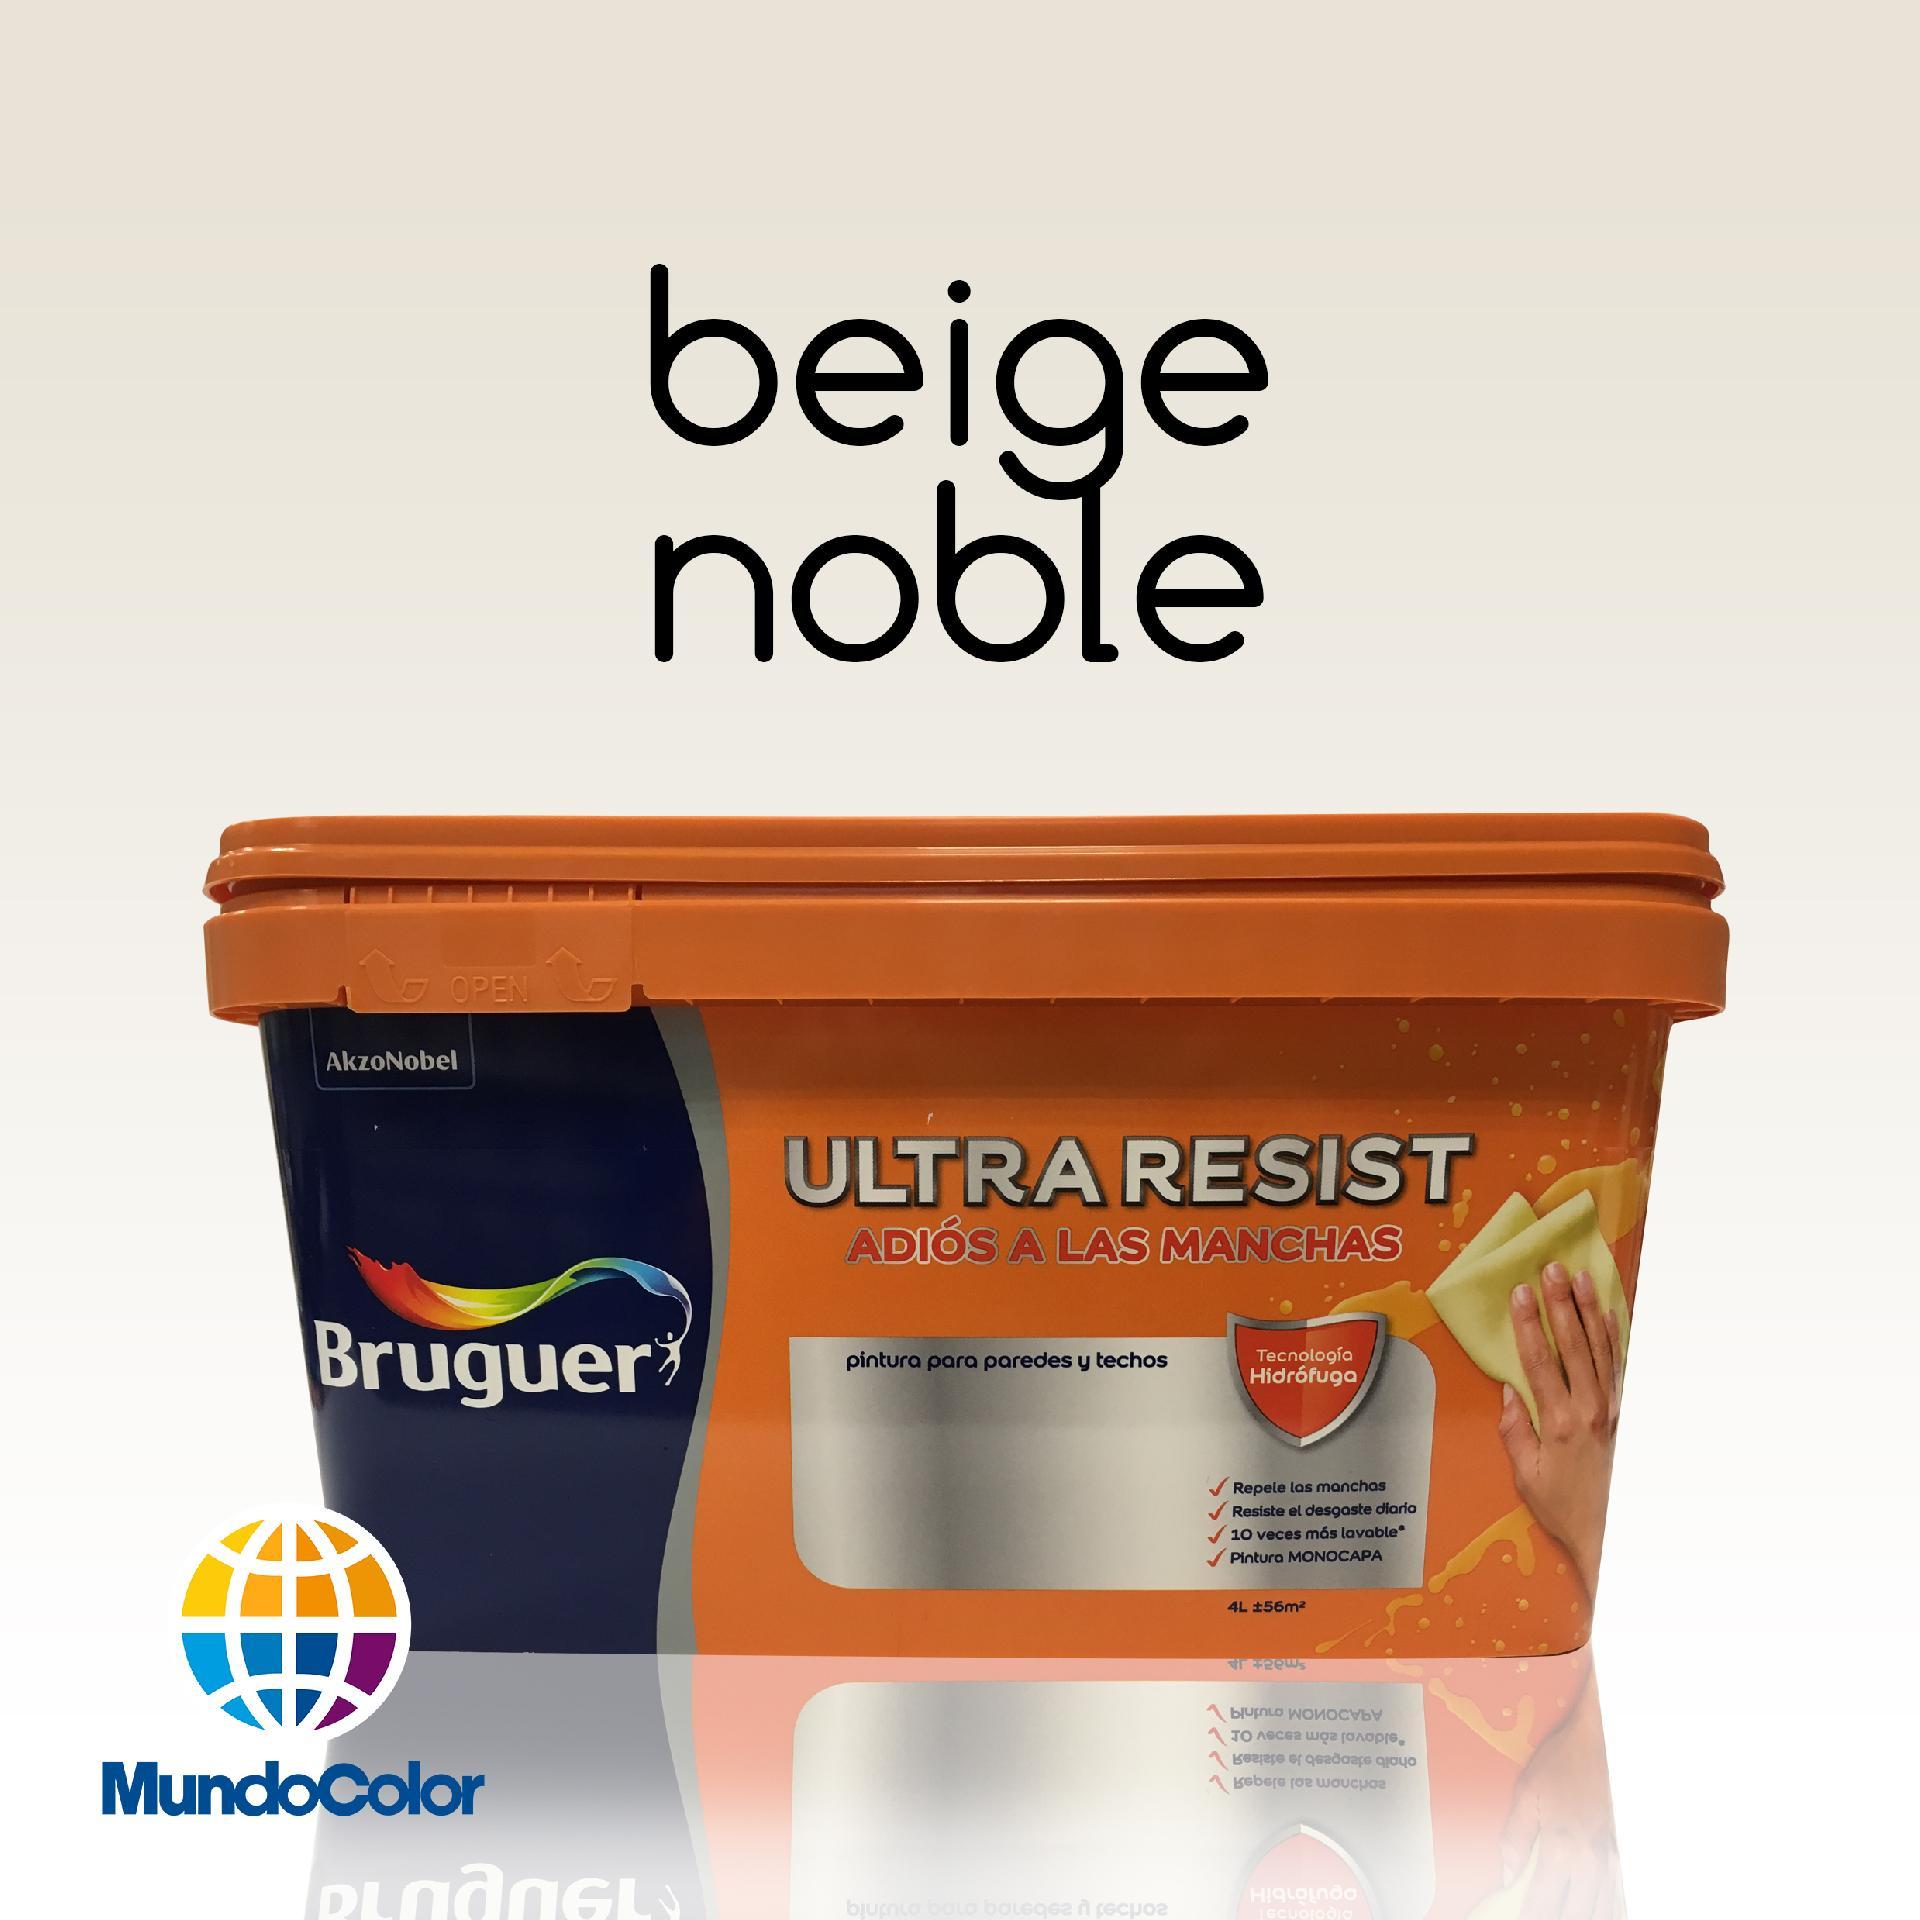 Bruguer Ultra Resist Beige Noble